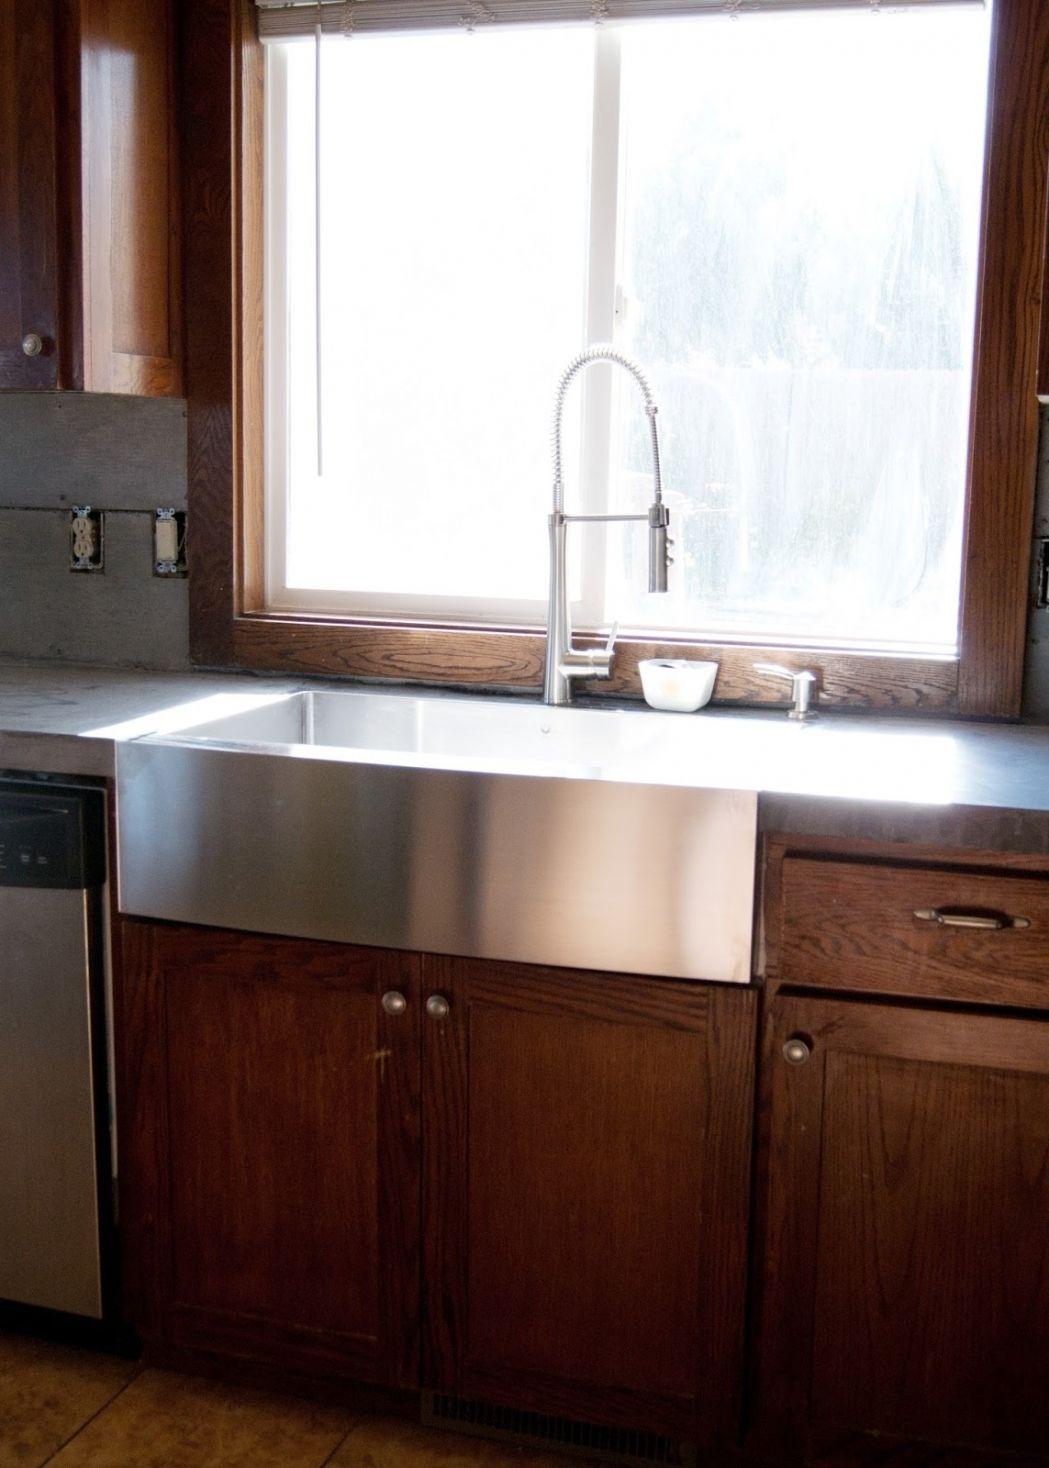 Küchenschränke für kleine küchen küchenschrank farben für kleine küchen  was ist die gemeinsame